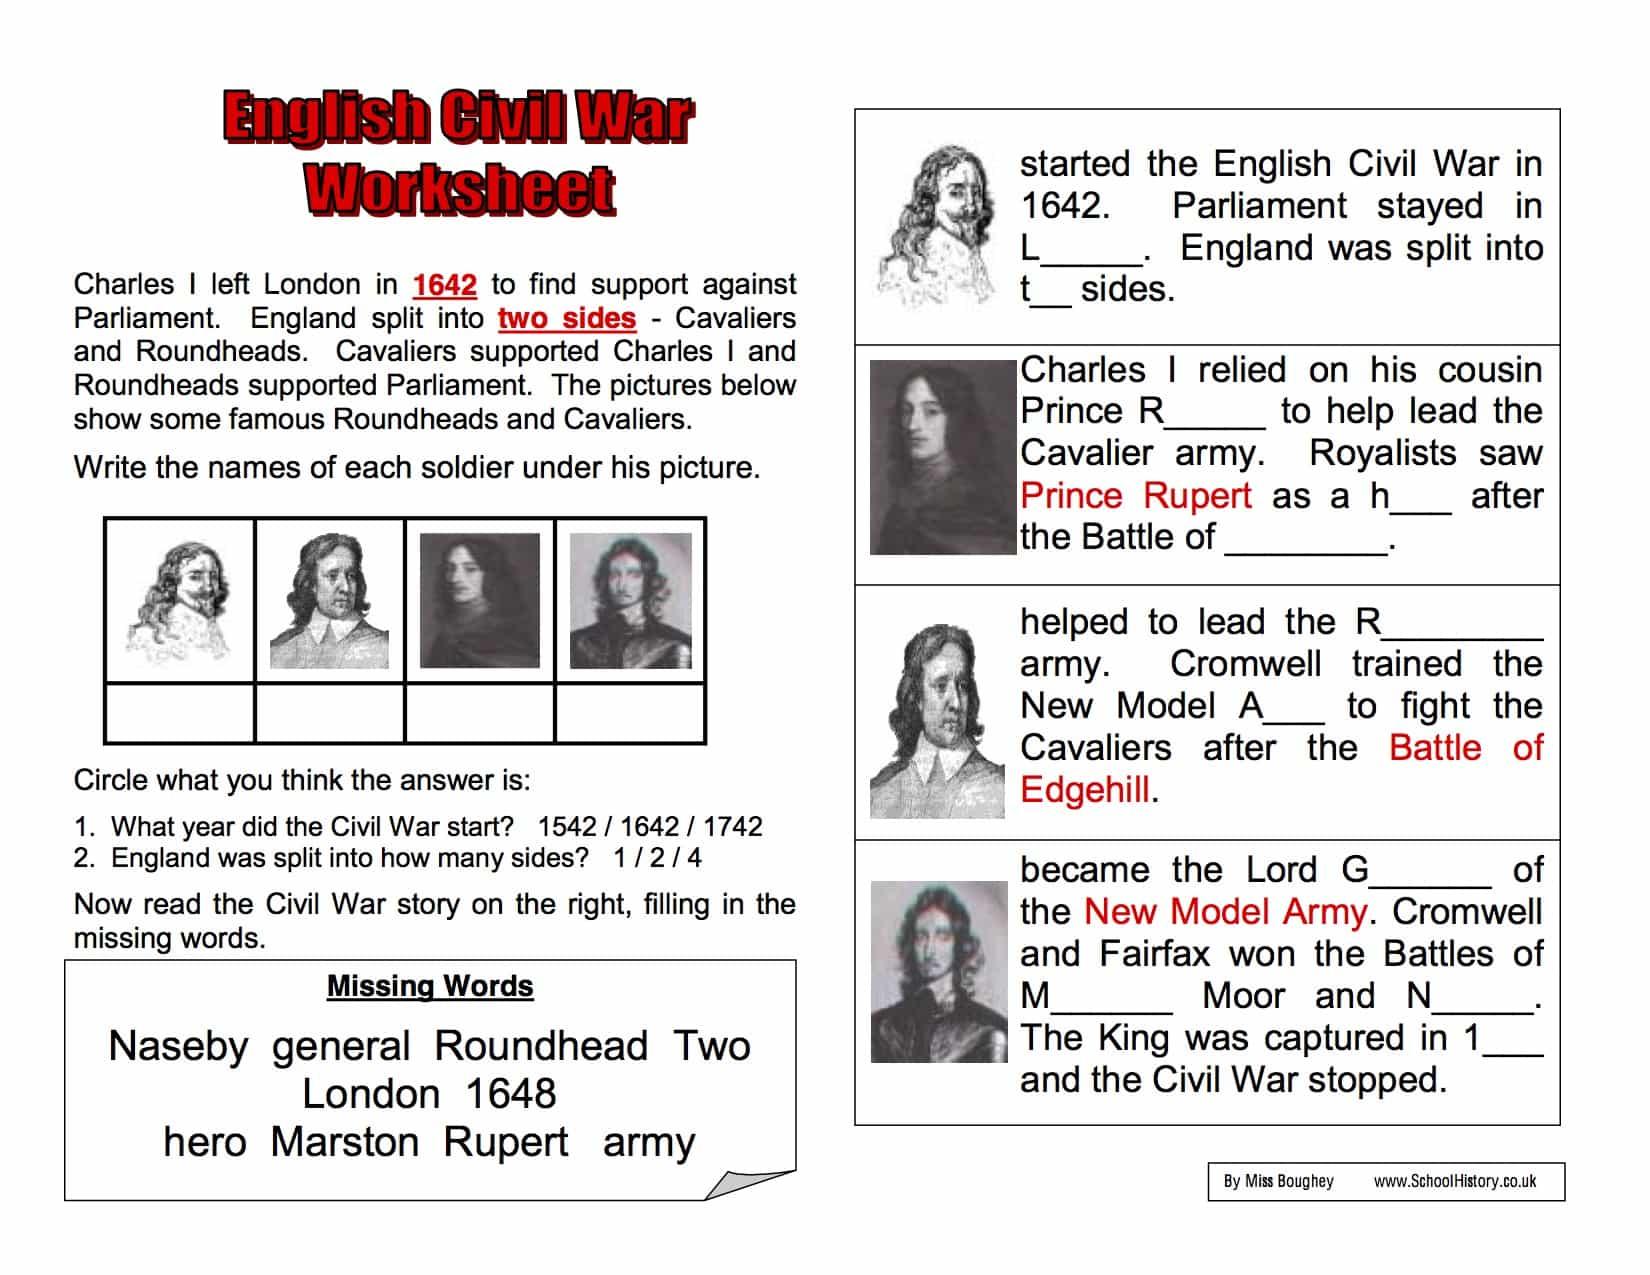 English Civil War Background Worksheet